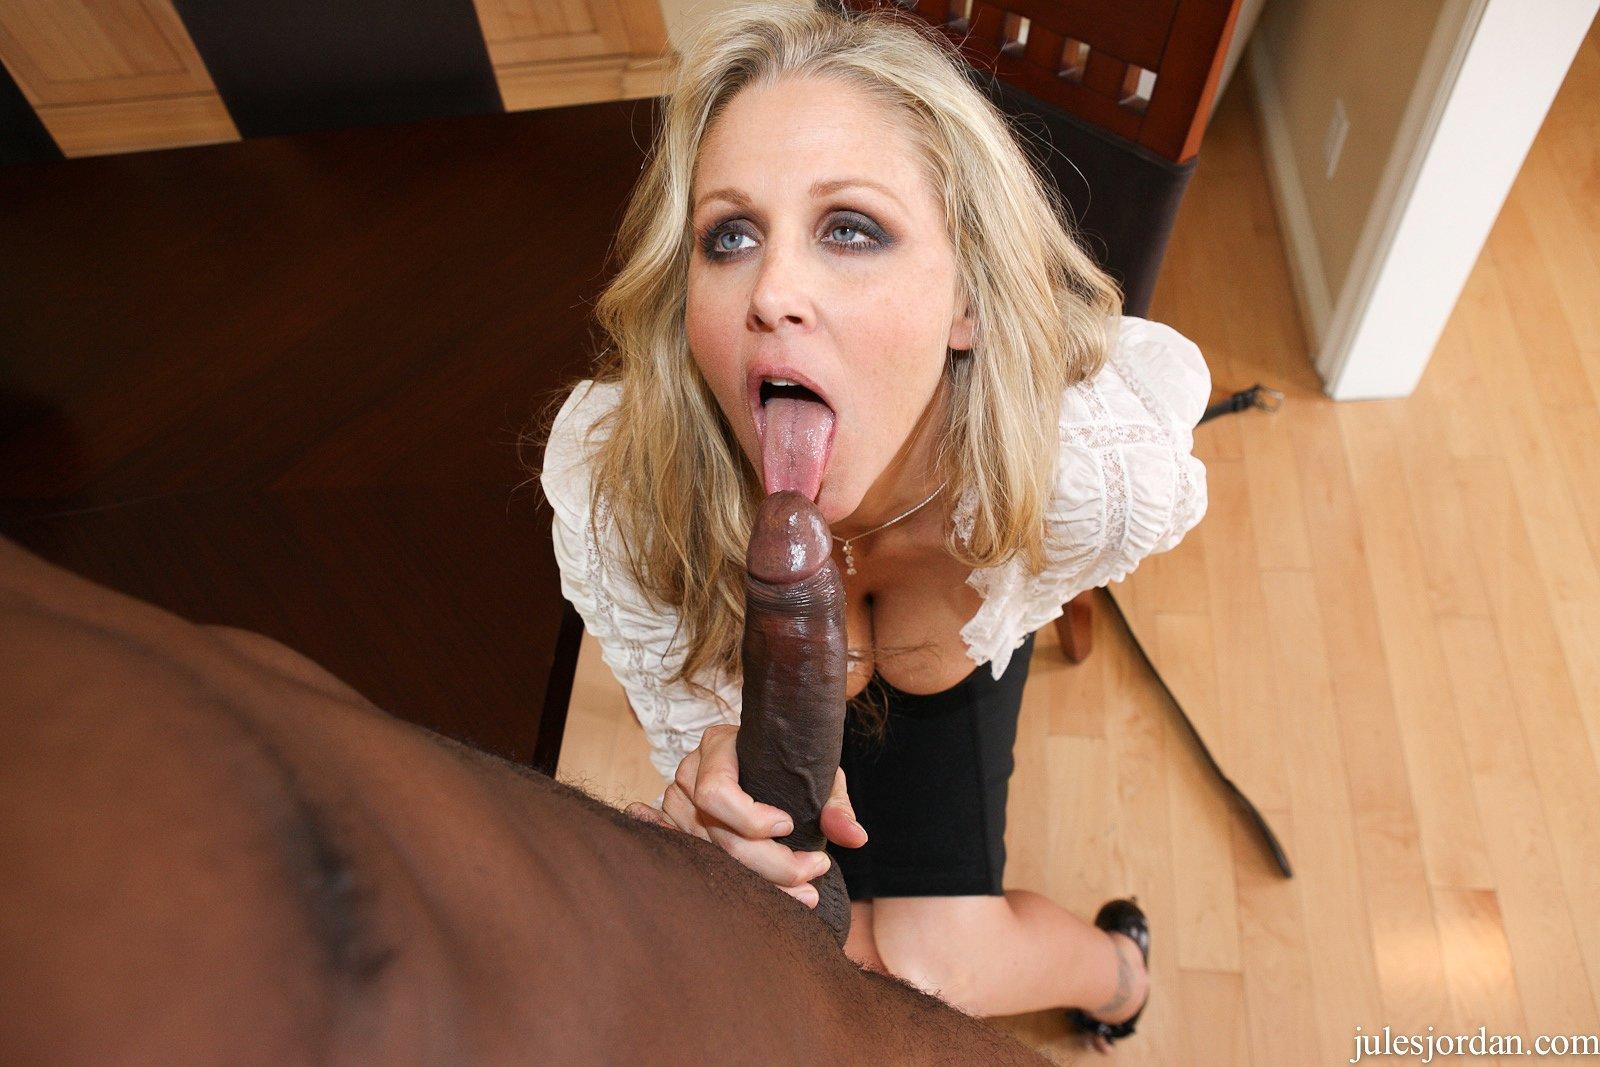 Julia Ann Takes On A Big Black Cock